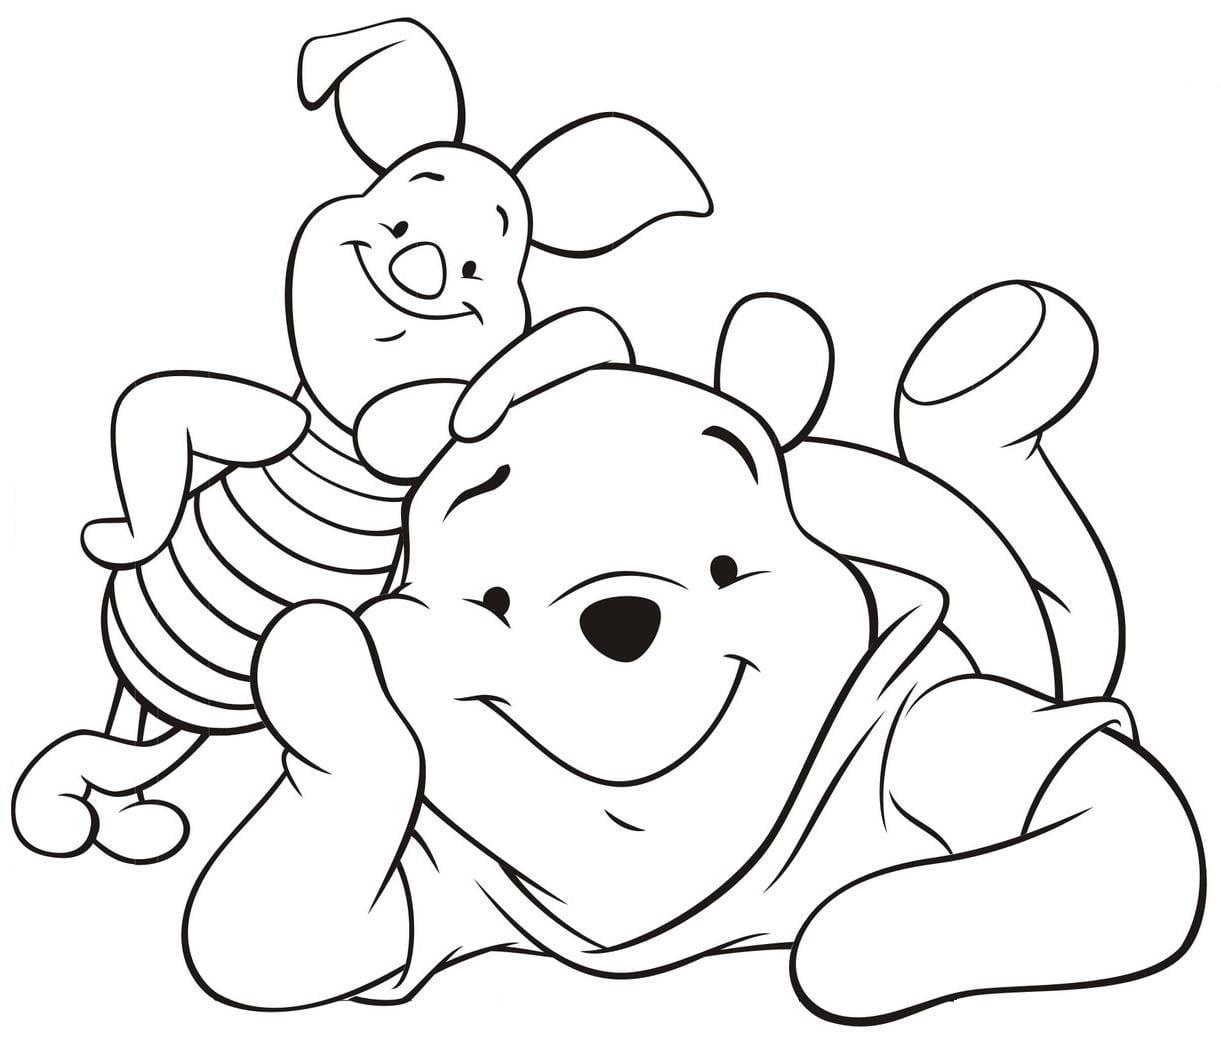 Imagens Do Ursinho Pooh Para Colorir